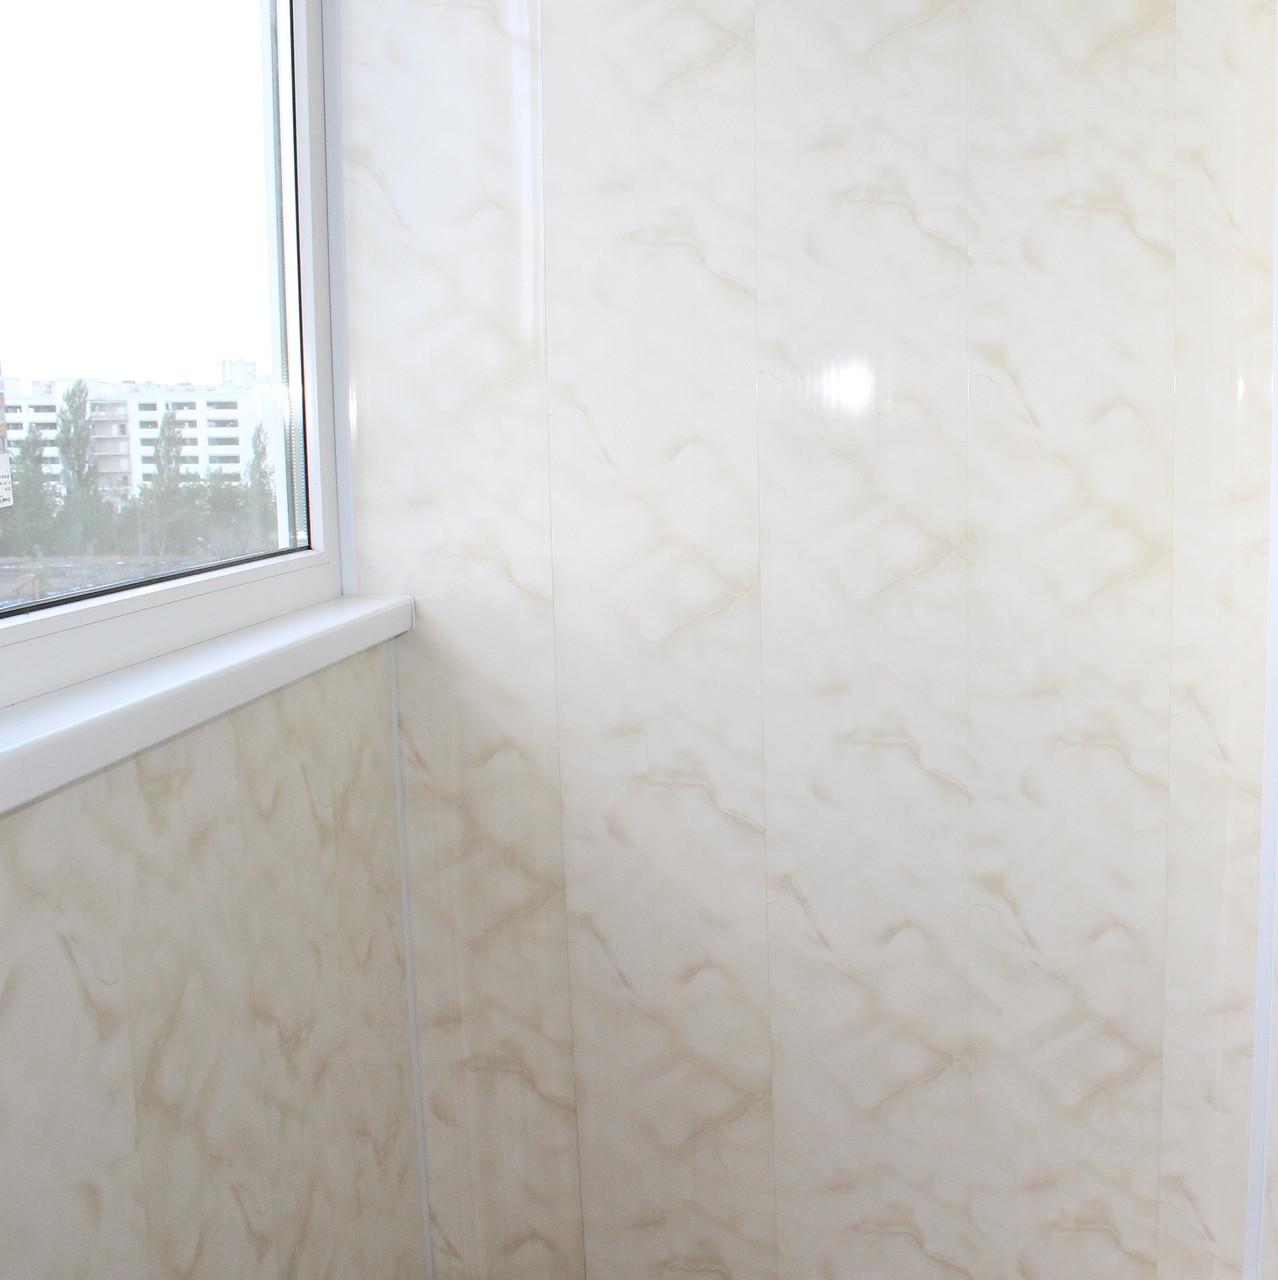 Pose premiere lame lambris plafond site devis travaux for Pose lame pvc plafond